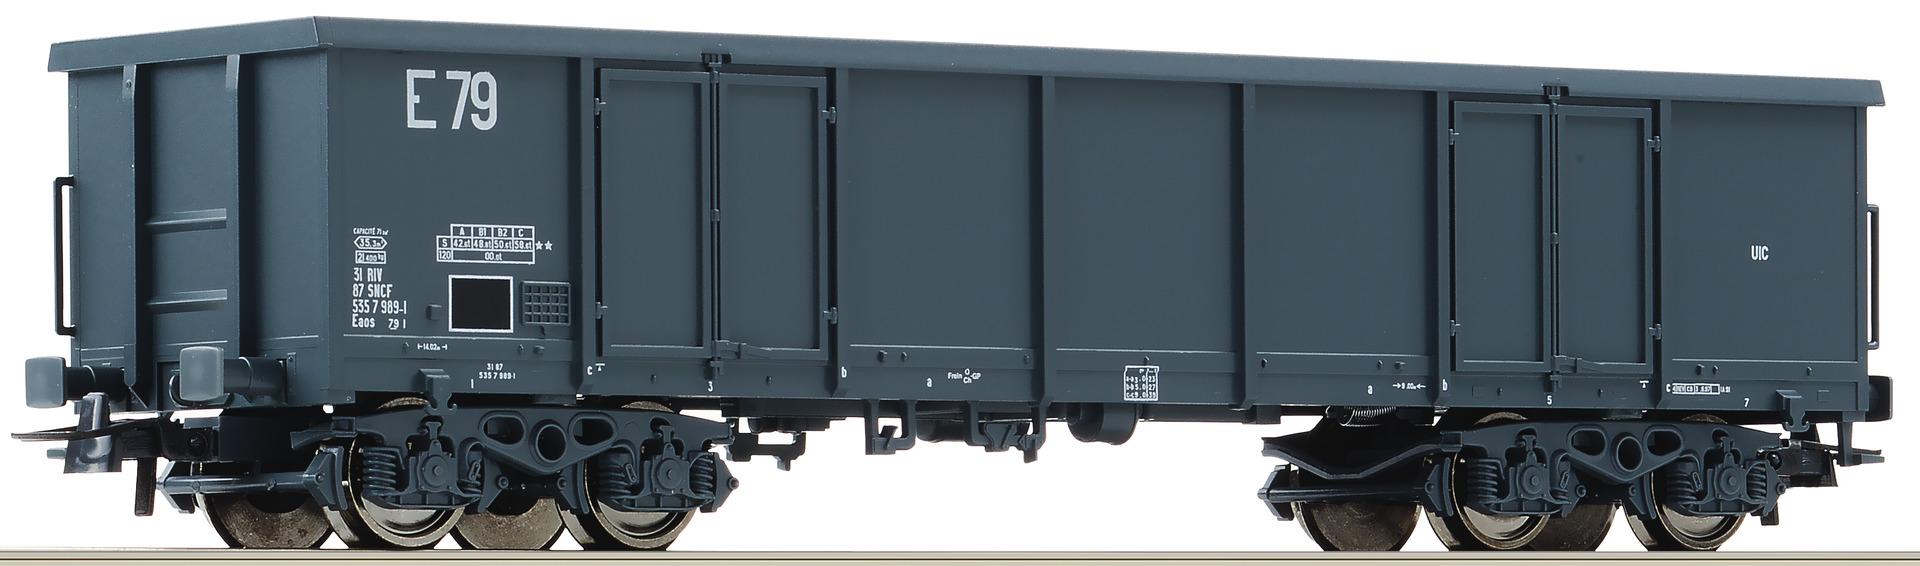 H0 Offener Güterwagen der SNCF, Ep.IV